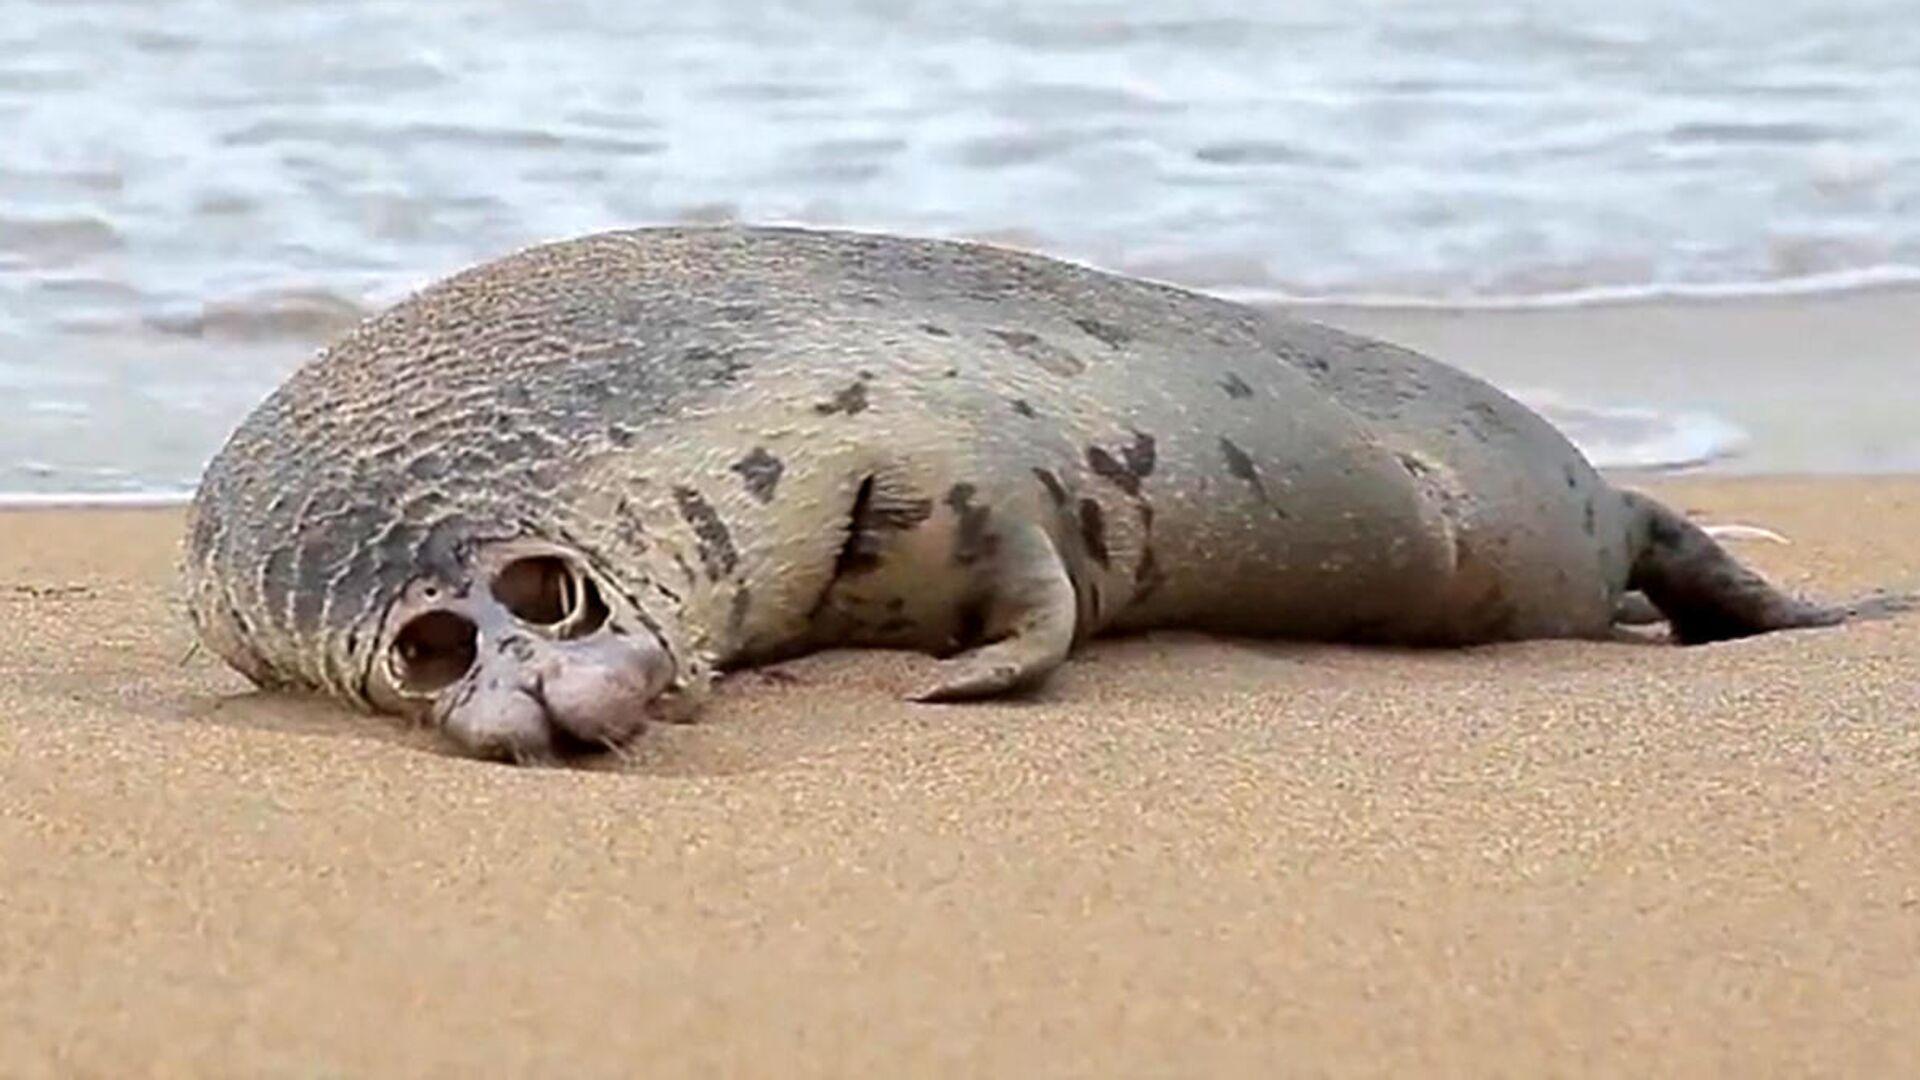 Тело мертвого тюленя, выброшенного на побережье. Архивное фото - Sputnik Грузия, 1920, 12.10.2021